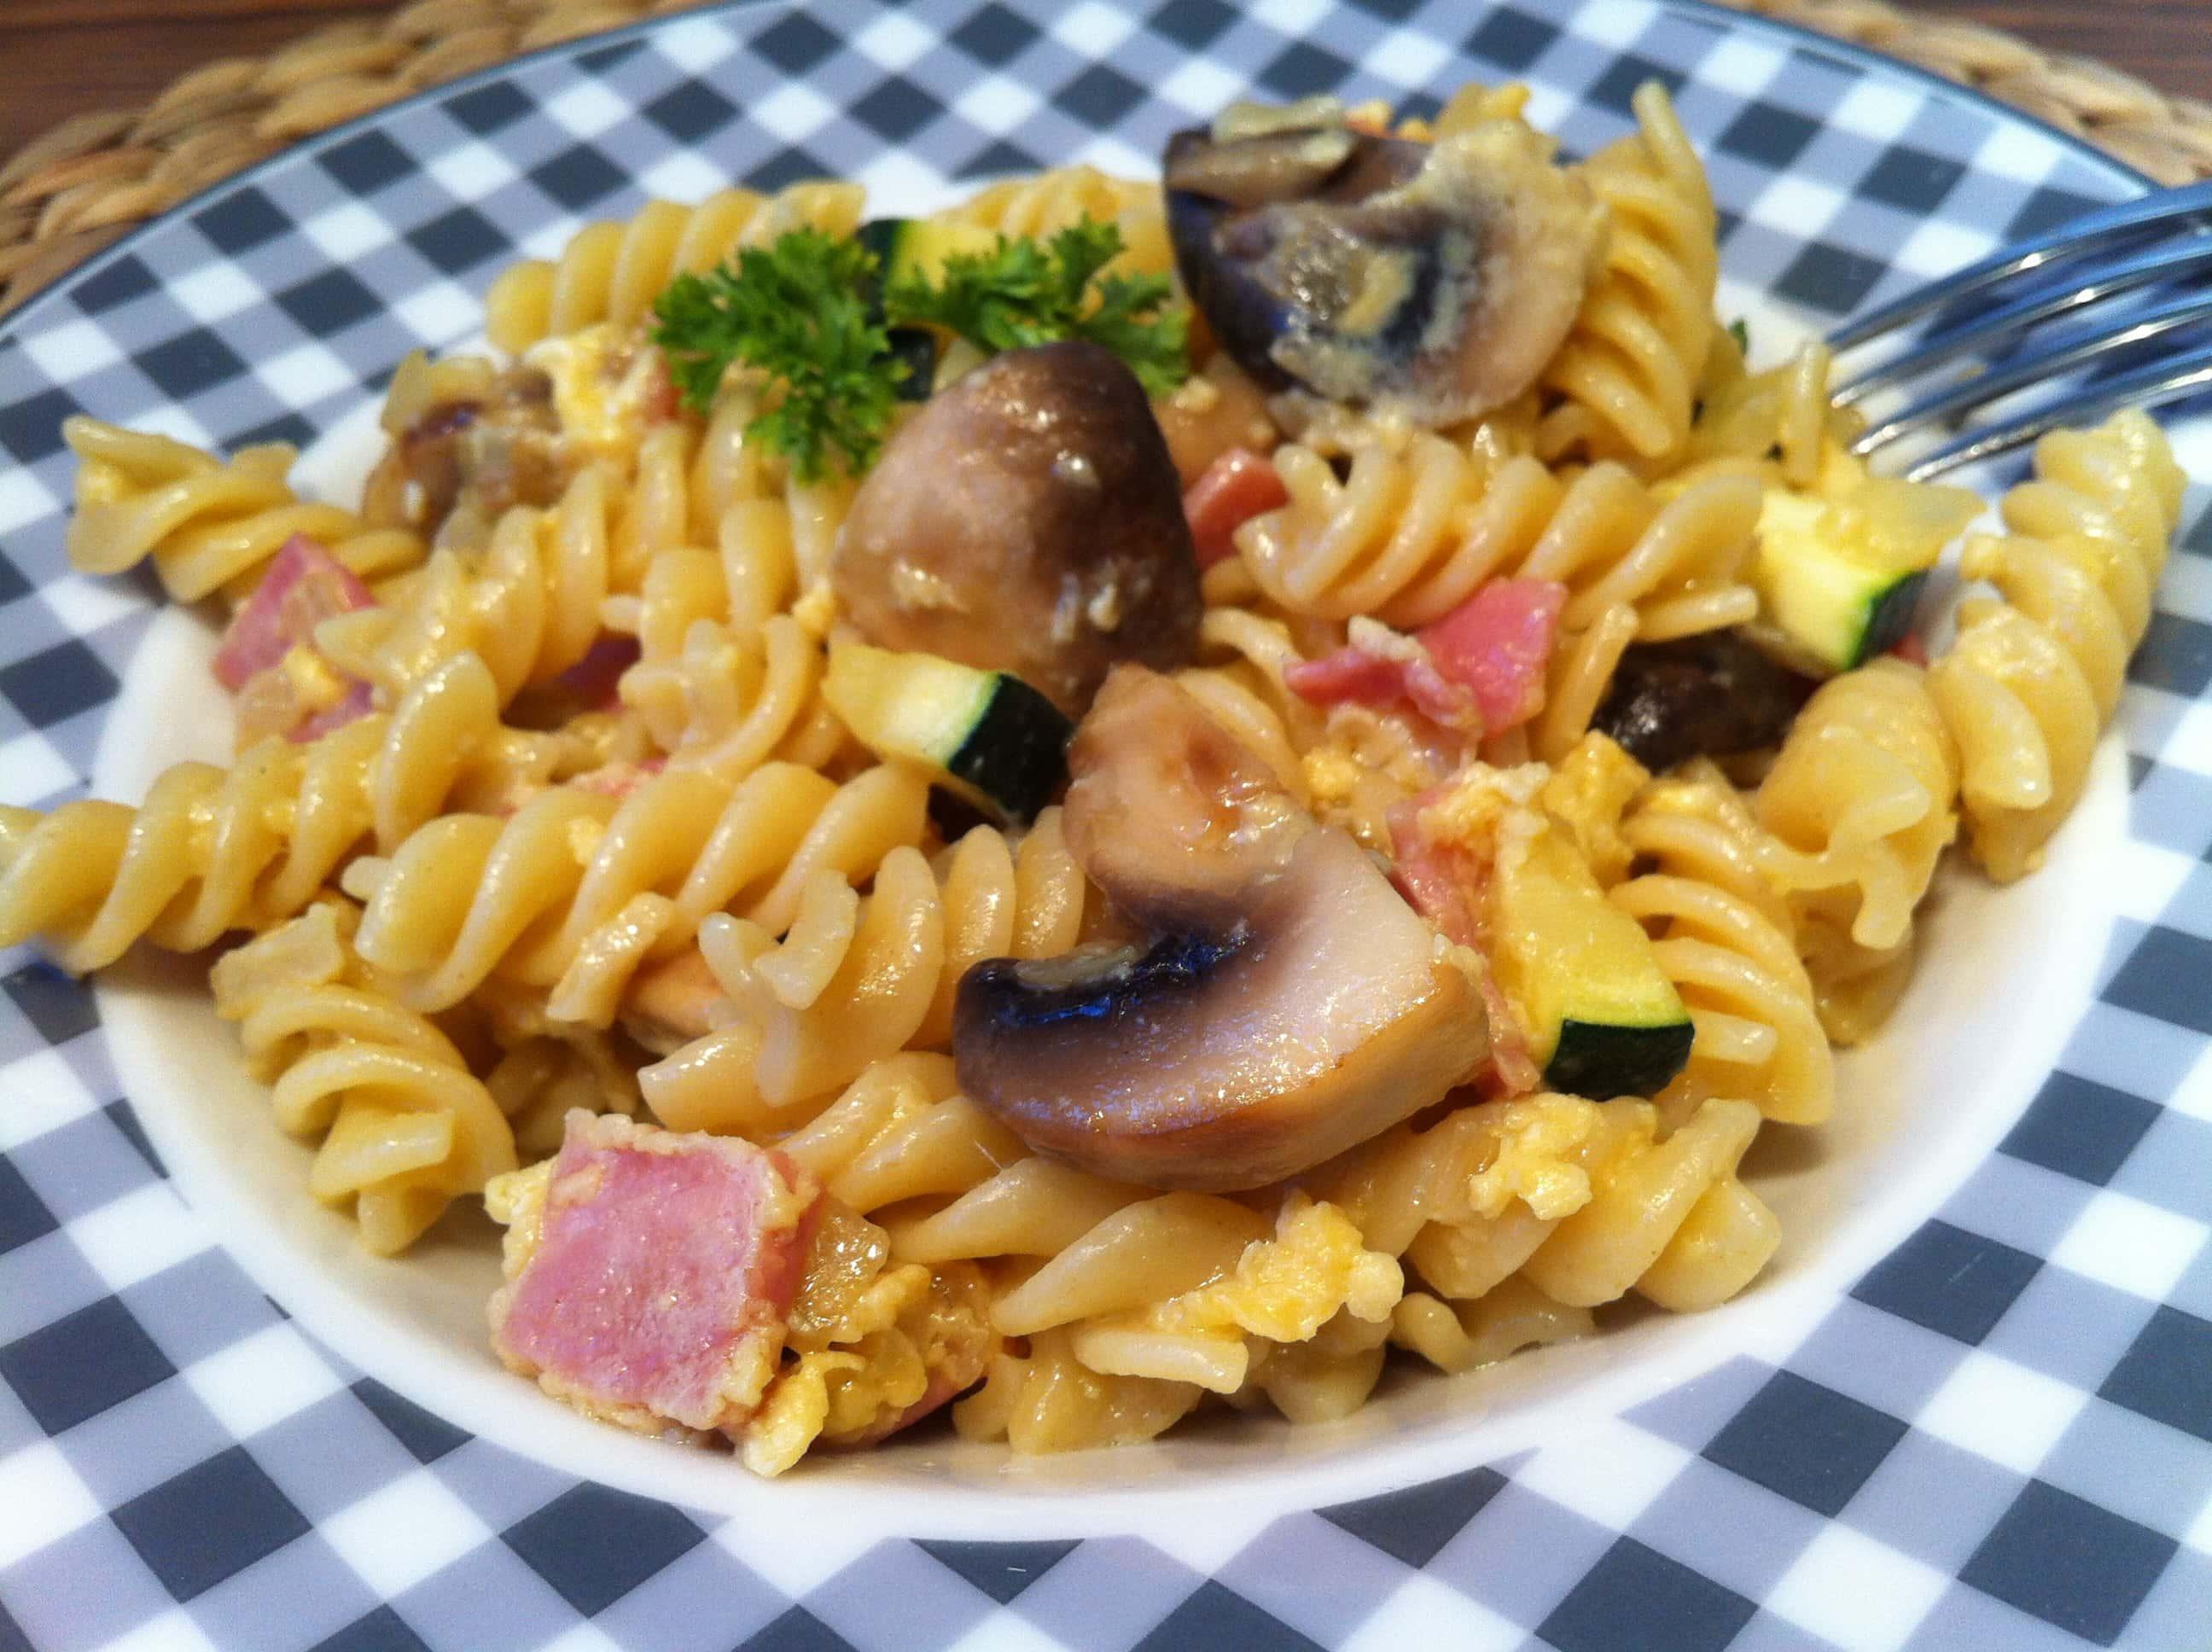 Die leckere-high-carb-pasta-mit-dem-gesunden-touch